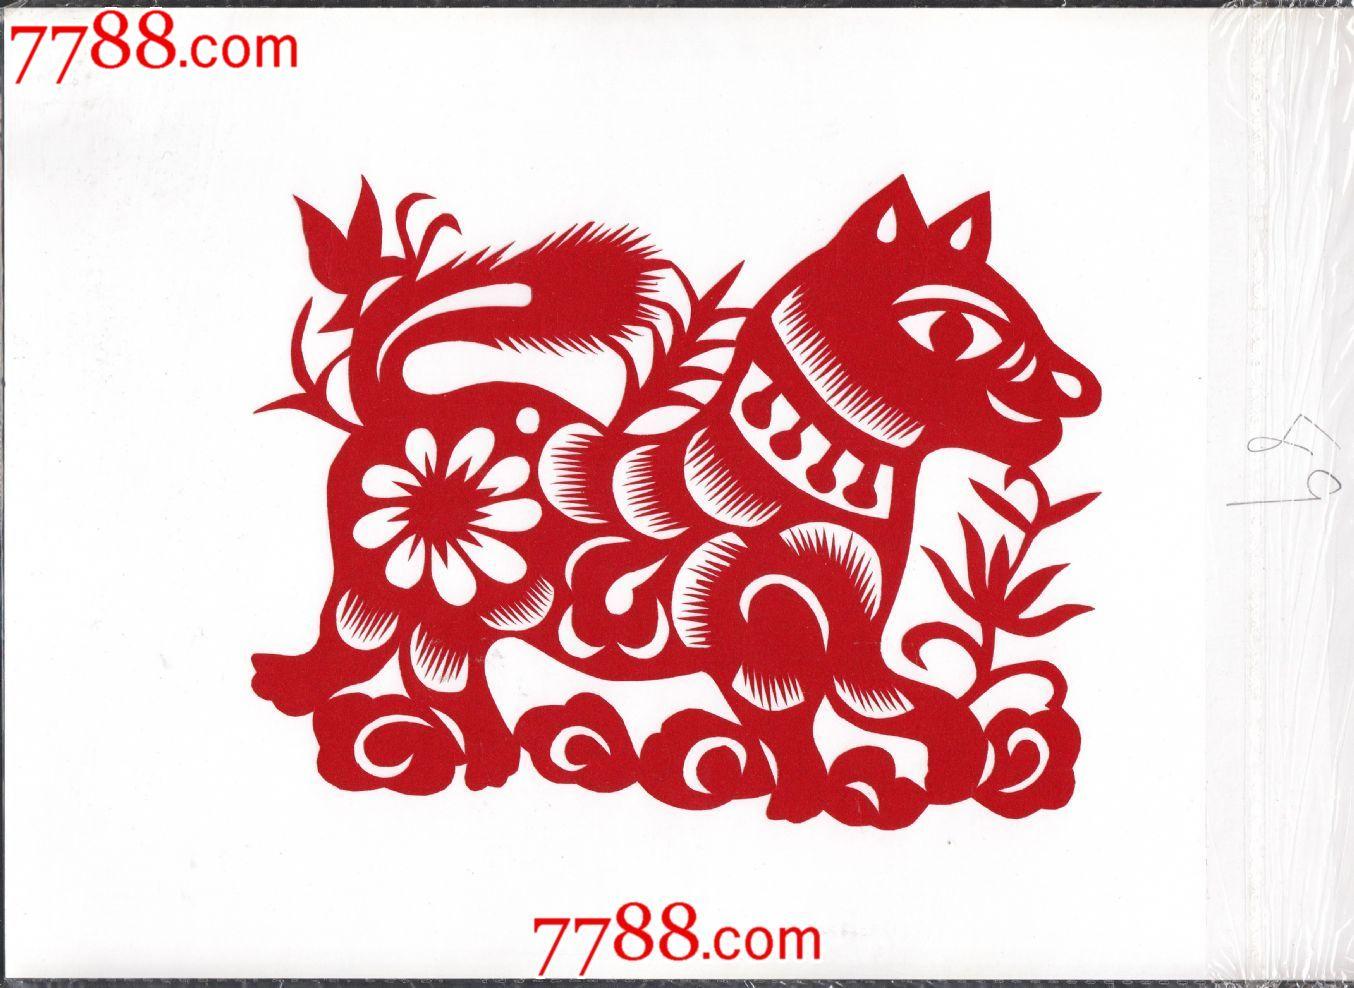 68 品种: 剪纸/窗花-剪纸/窗花 属性: 2000-2009年,,陕西,,动物,,单件